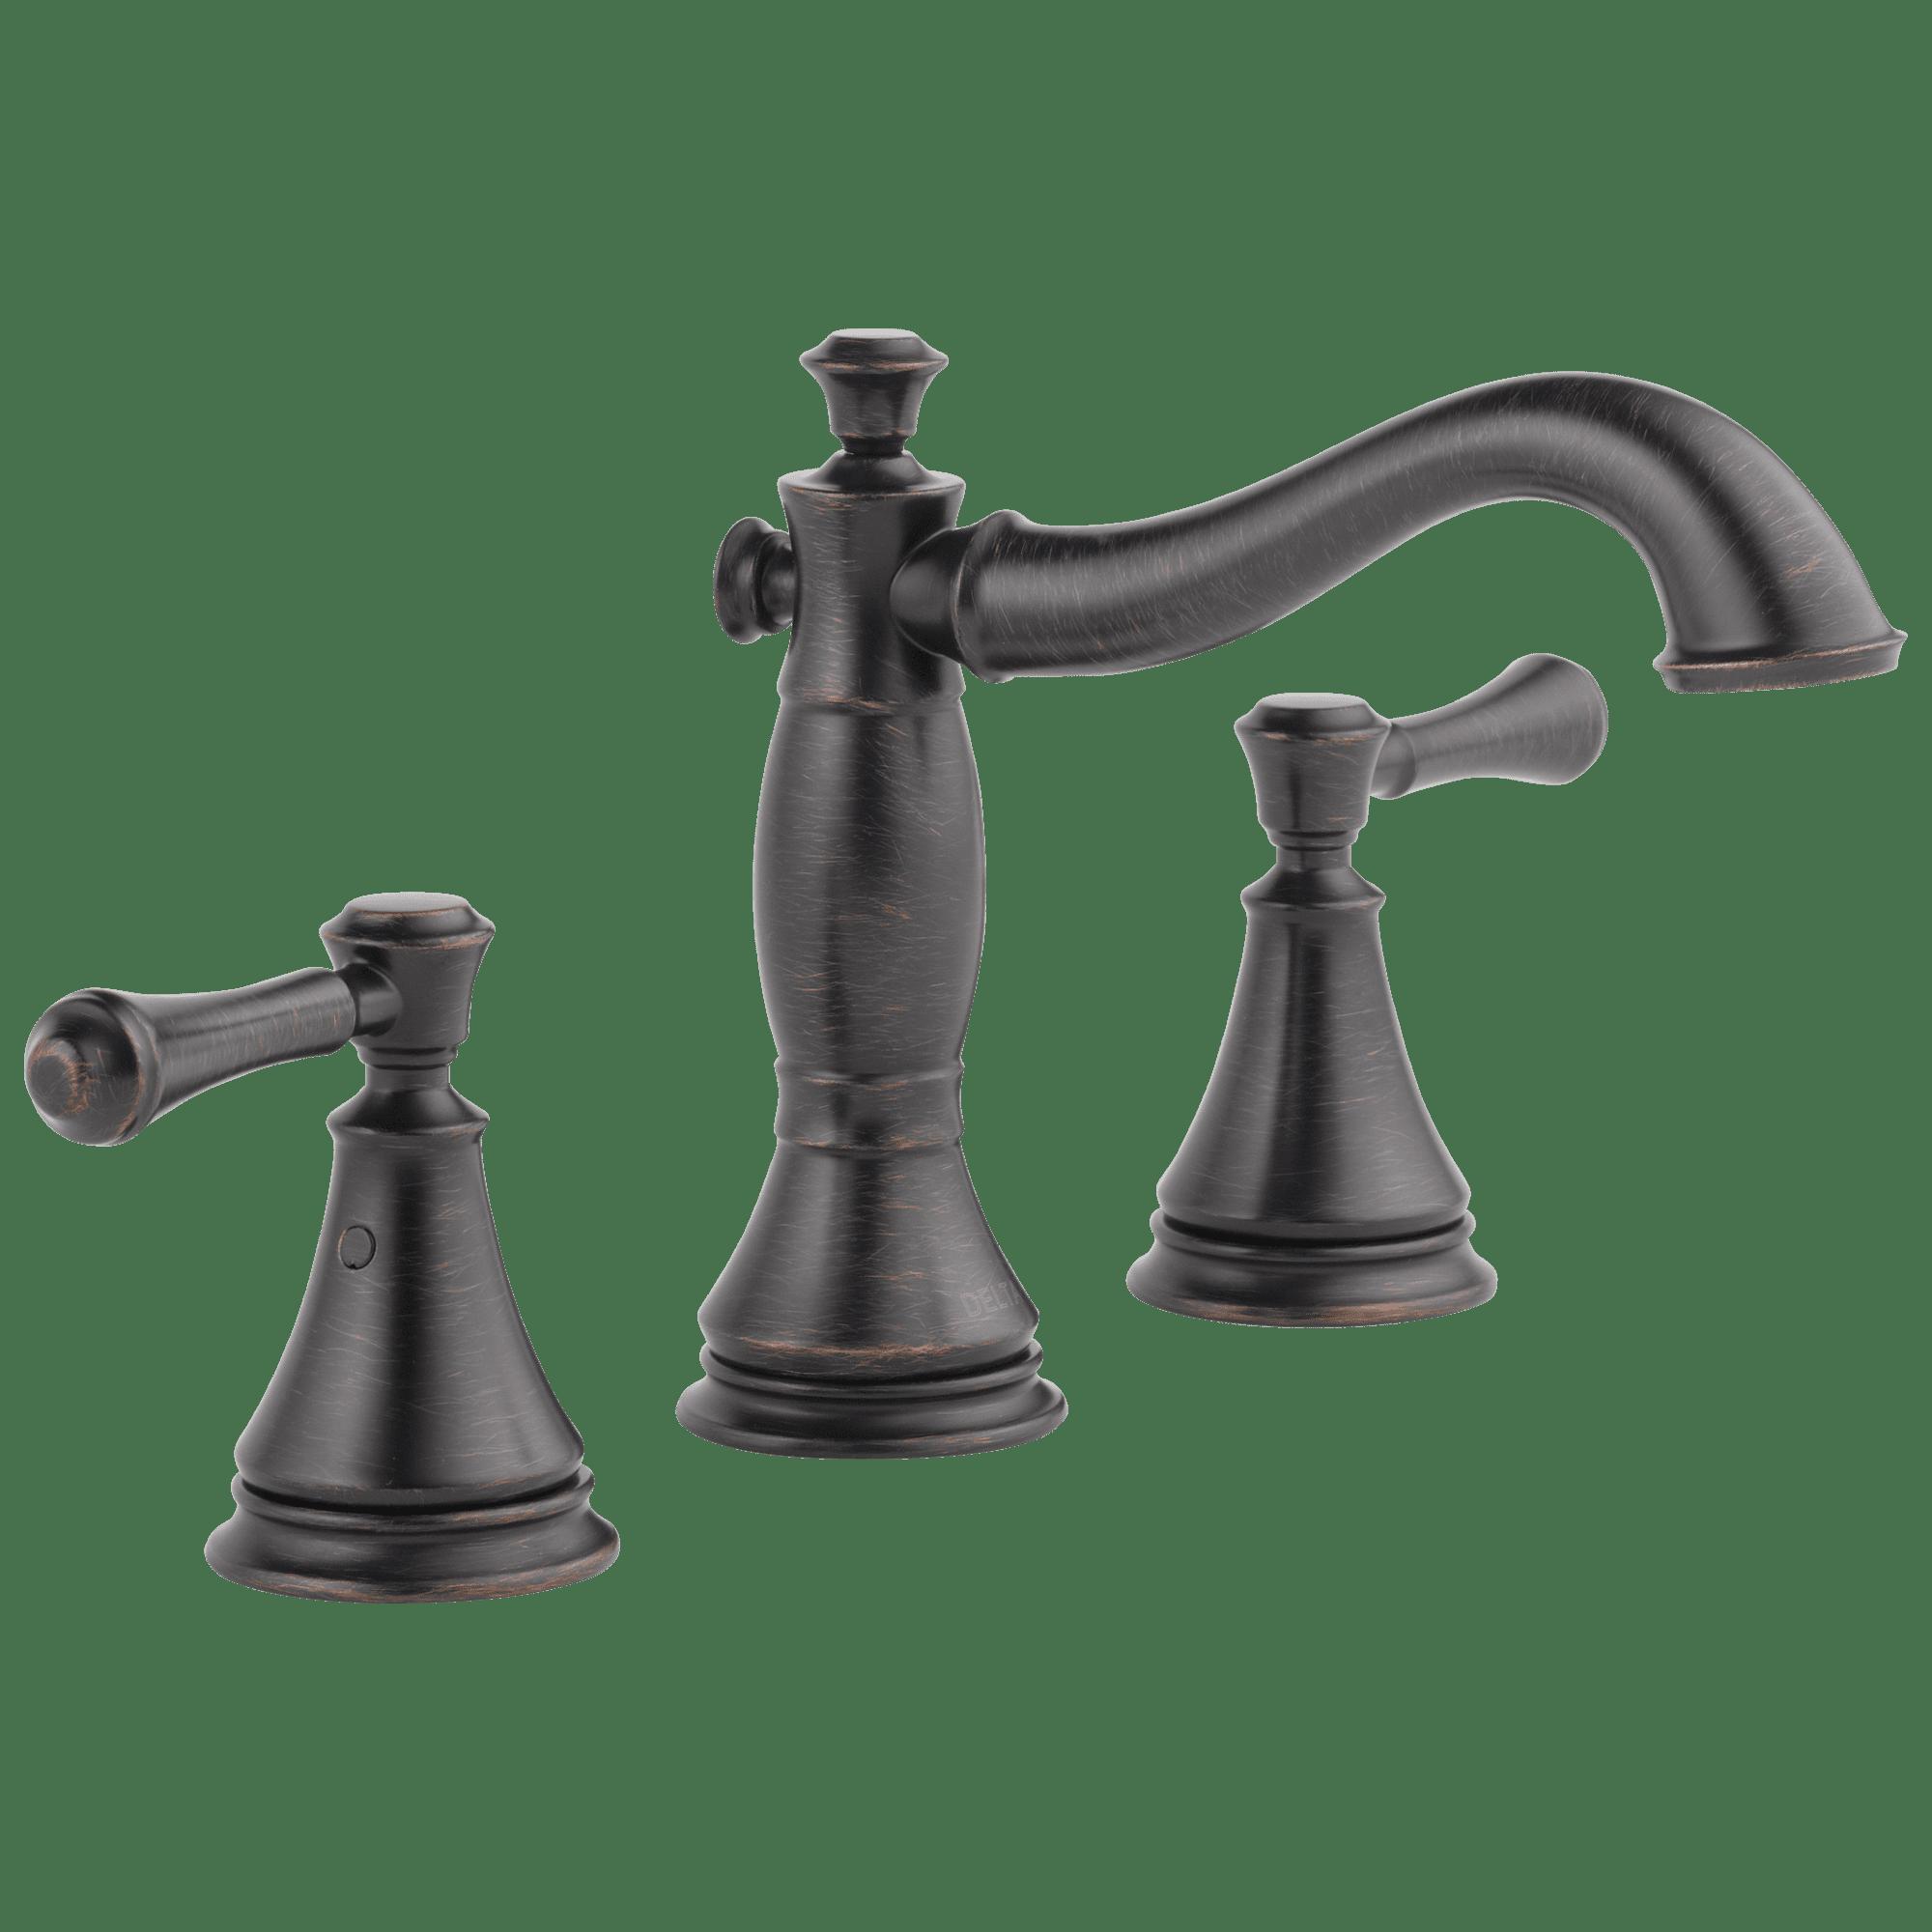 Delta Faucet 3597LF-MPU Delta 3597LF-MPU Cassidy Widespread Bathroom Faucet with Pop-Up Drain Assembly - - Venetian